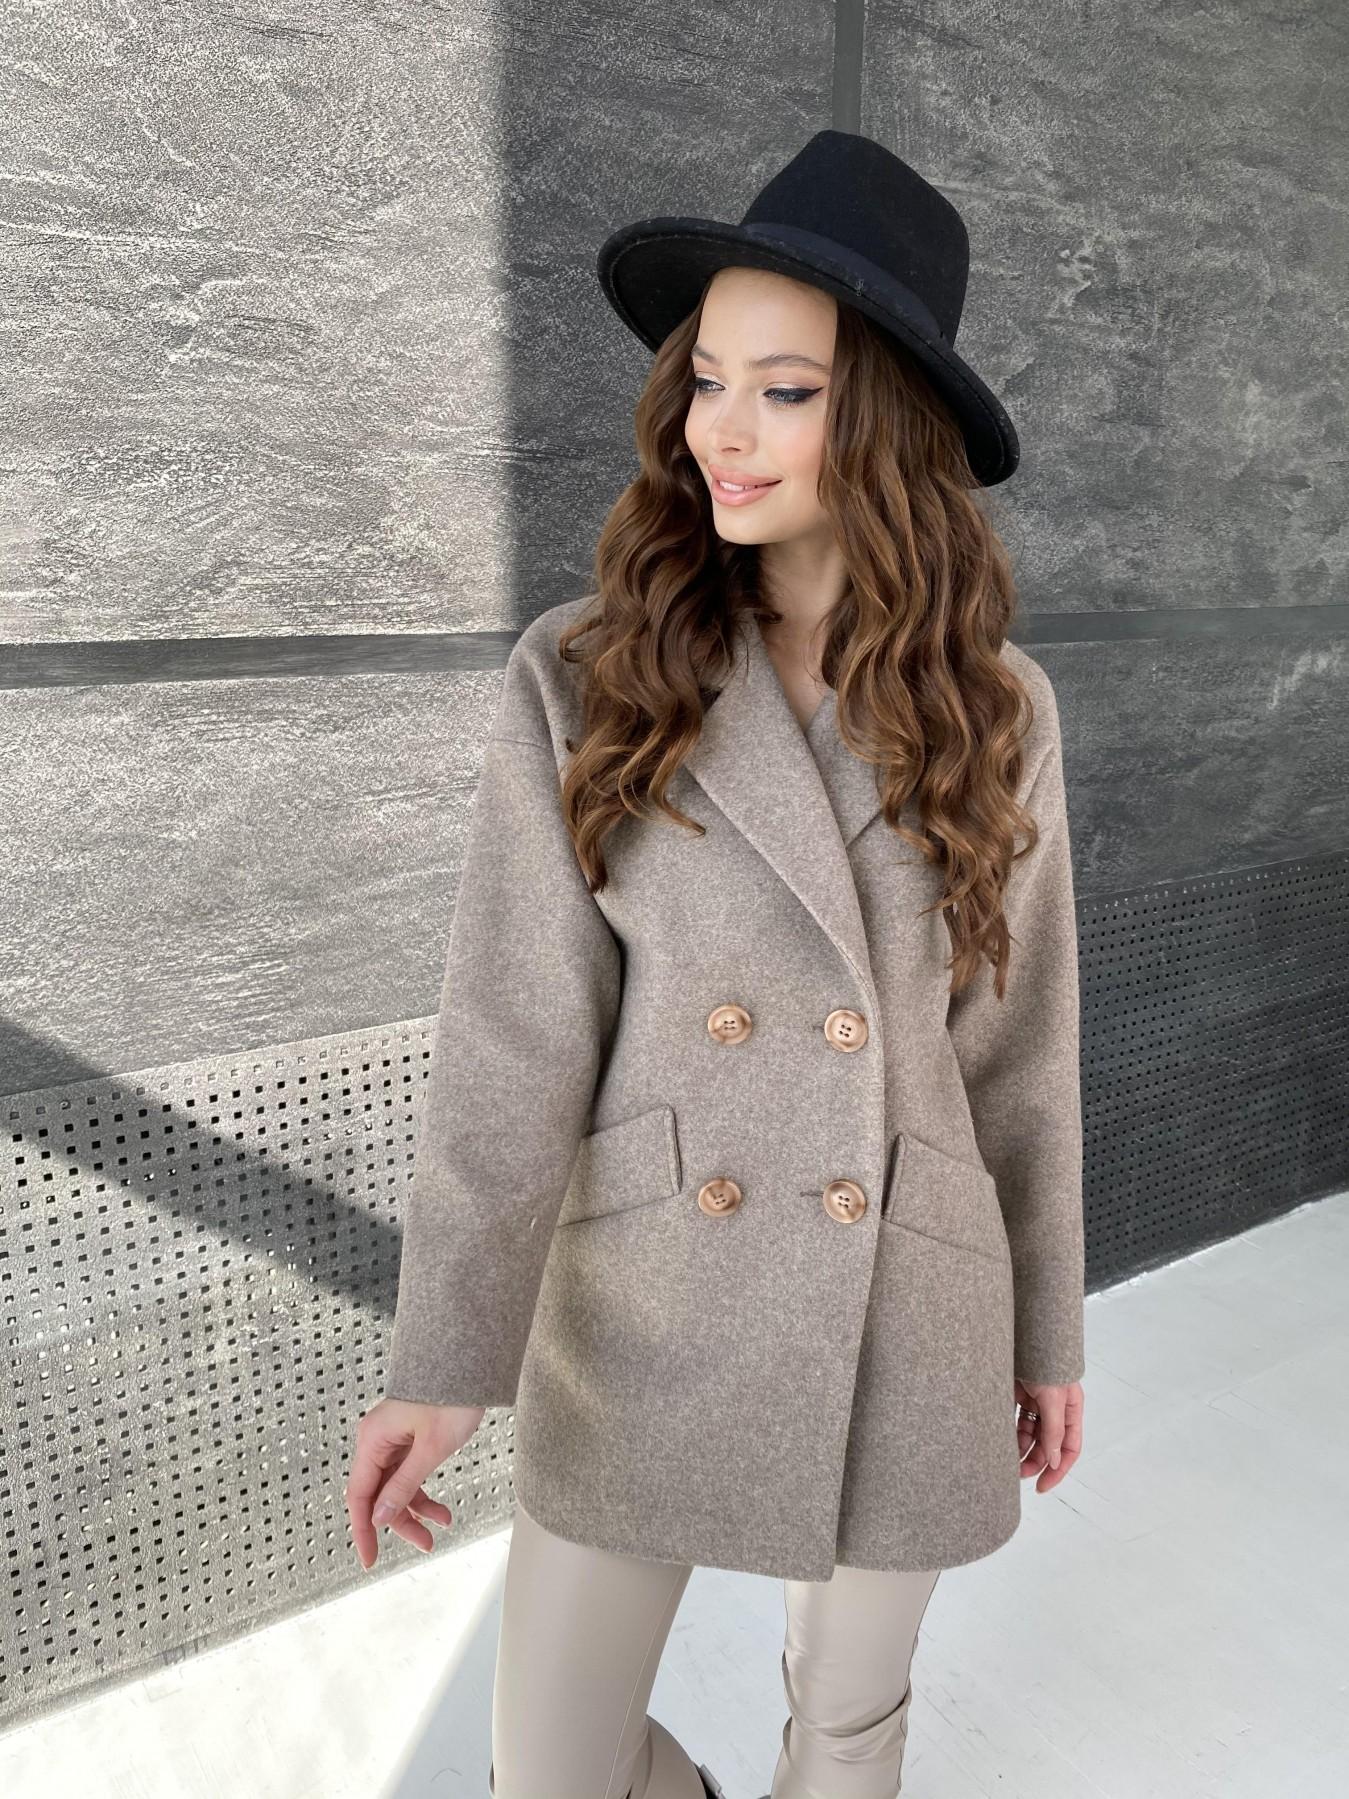 Бонд пальто  кашемировое меланж на трикотаже  10644 АРТ. 47178 Цвет: Бежевый 28 - фото 3, интернет магазин tm-modus.ru